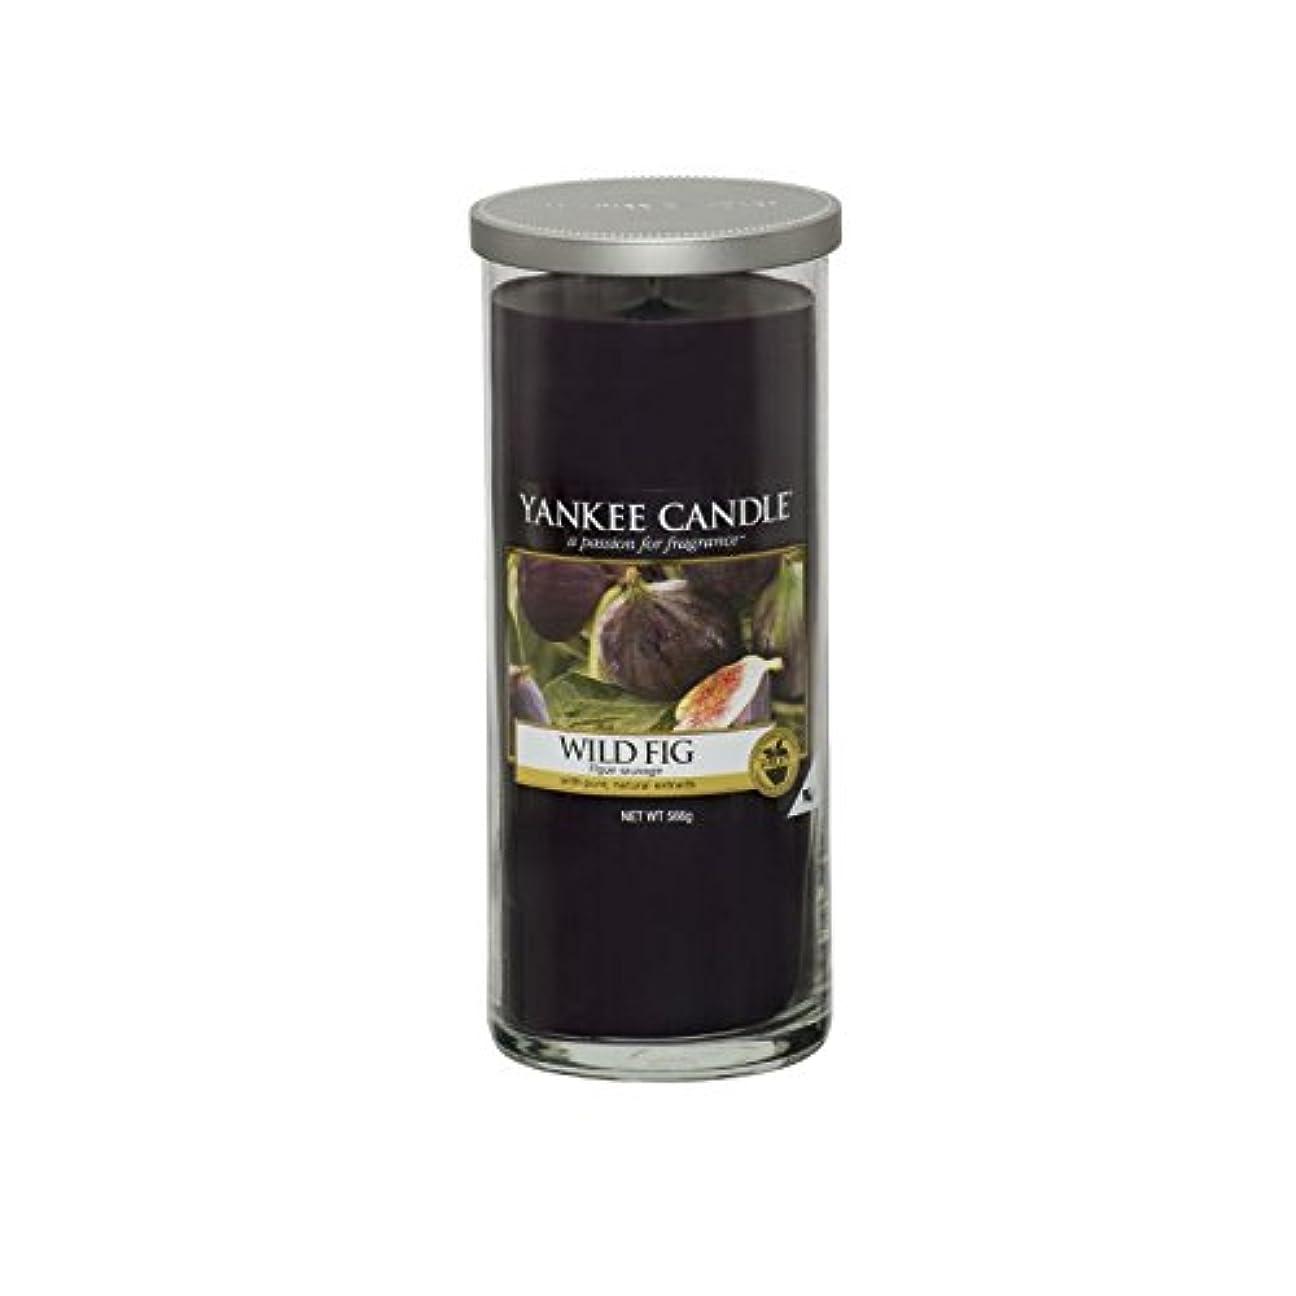 学ぶ悲しいことに同封するヤンキーキャンドル大きな柱キャンドル - 野生のイチジク - Yankee Candles Large Pillar Candle - Wild Fig (Yankee Candles) [並行輸入品]